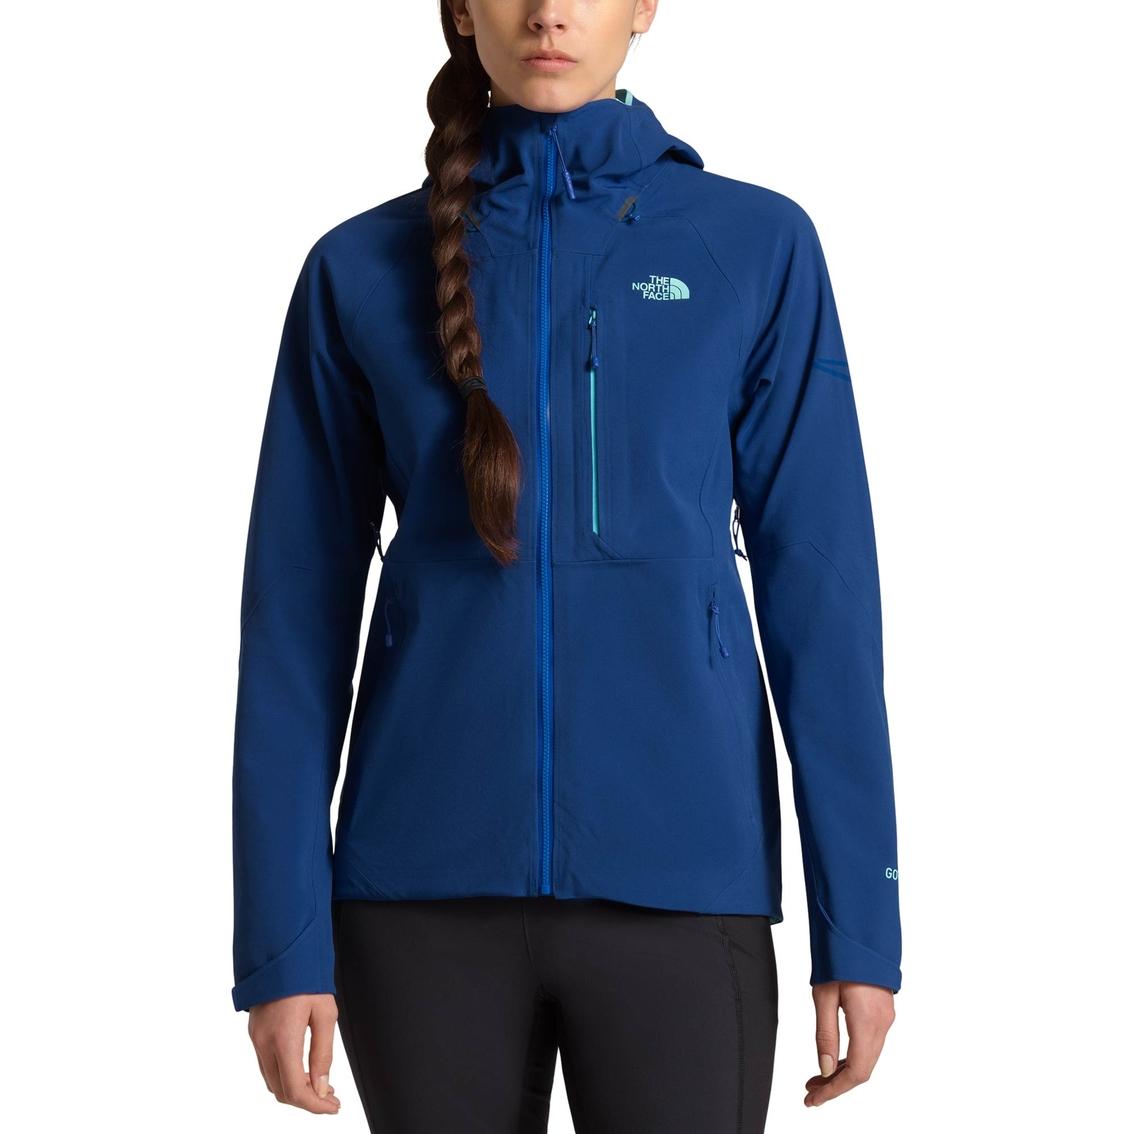 f9d78cf8a The North Face Apex Flex Gtx 2.0 Jacket | Jackets | Apparel | Shop ...